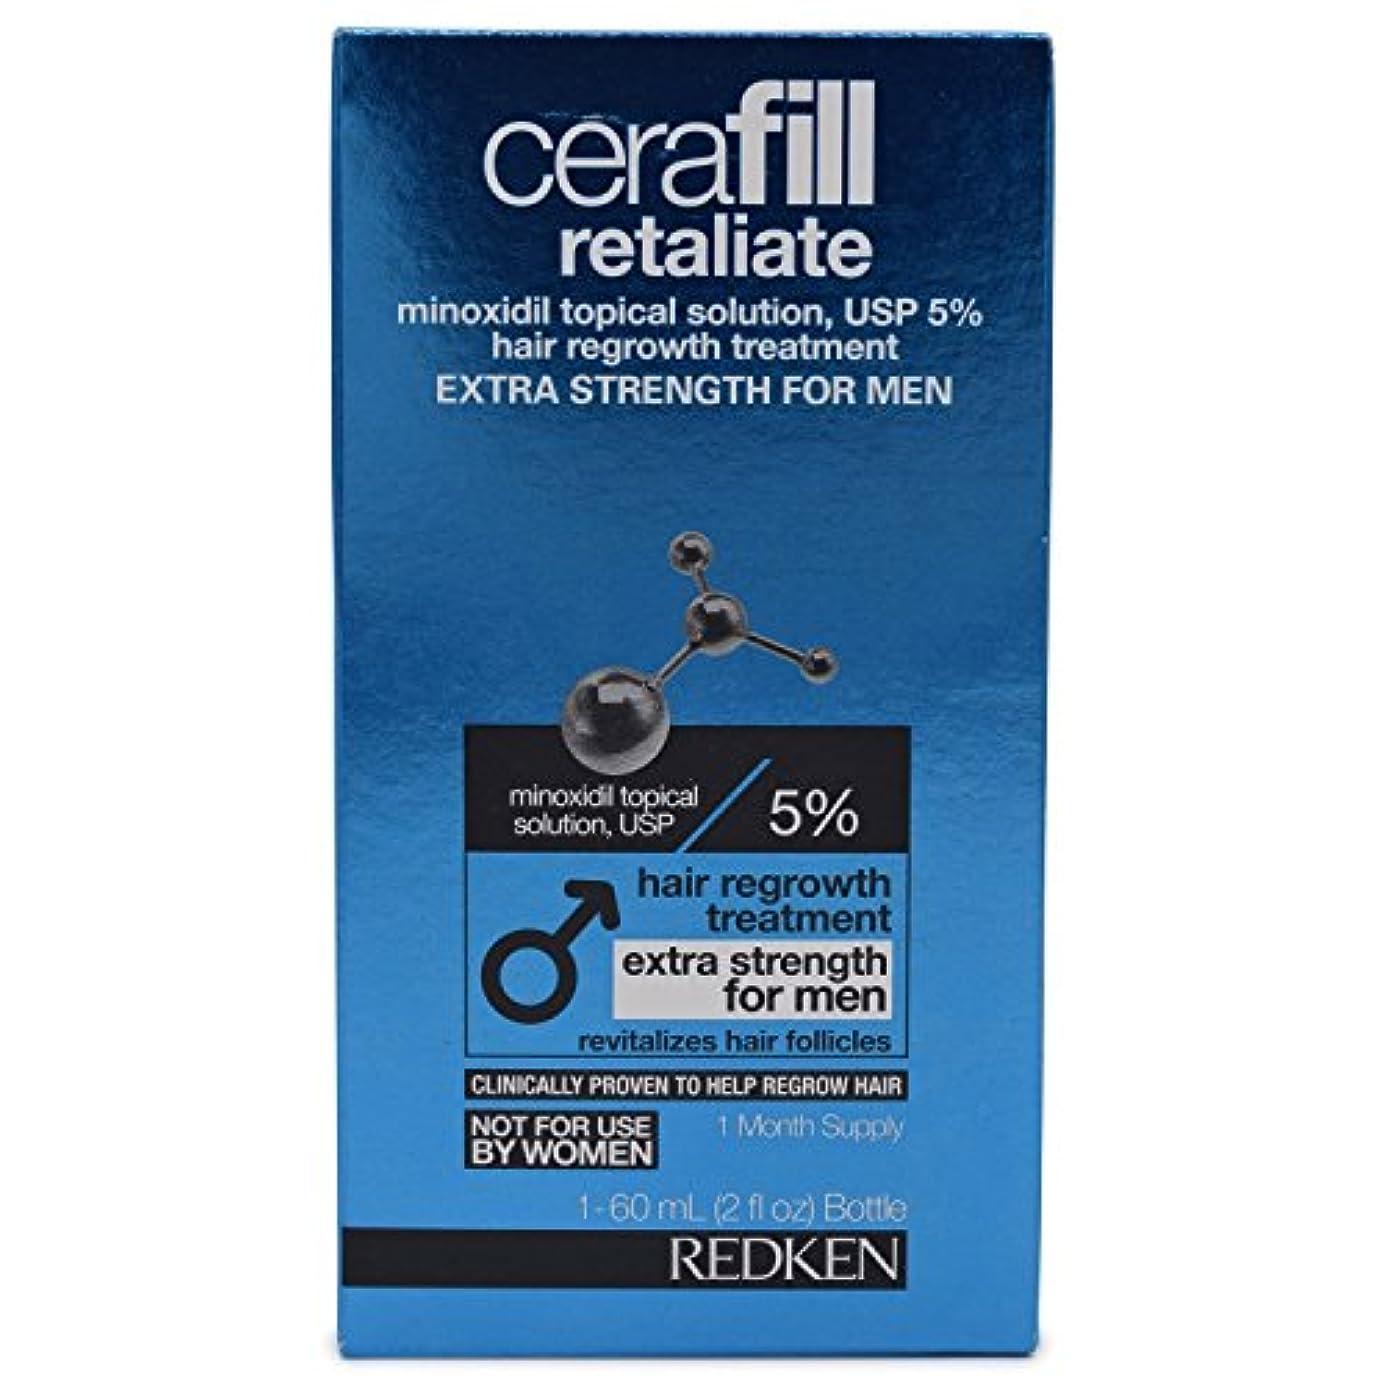 サーキットに行く禁輸侵入するCerafill Retaliate 5% Hair Regrowth Treatment